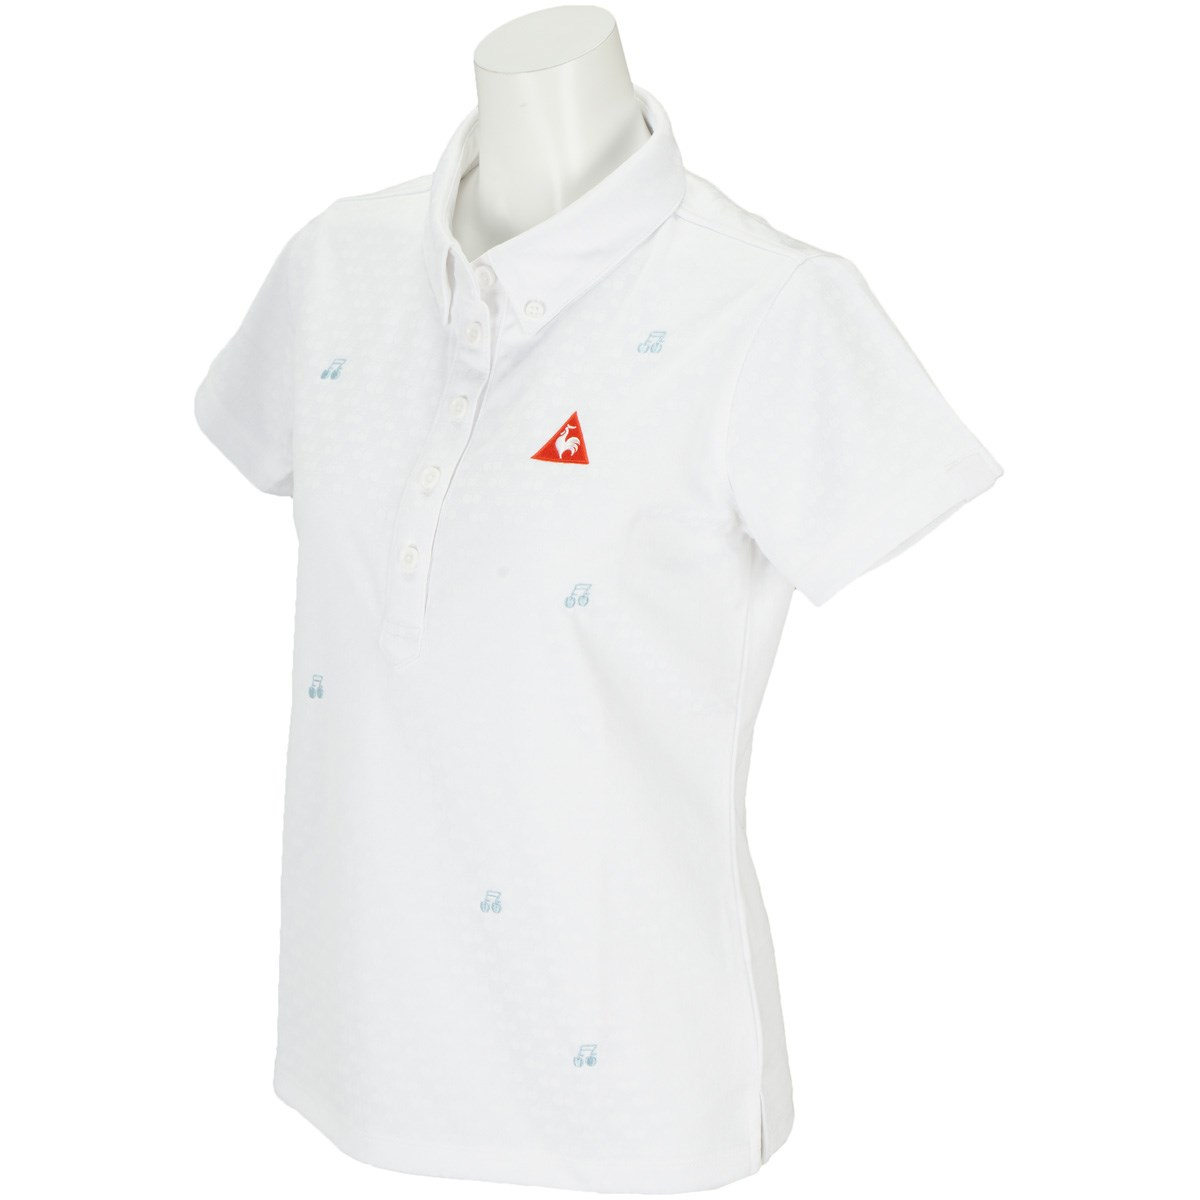 ルコックゴルフ Le coq sportif GOLF 半袖ポロシャツ M ホワイト 00 レディス